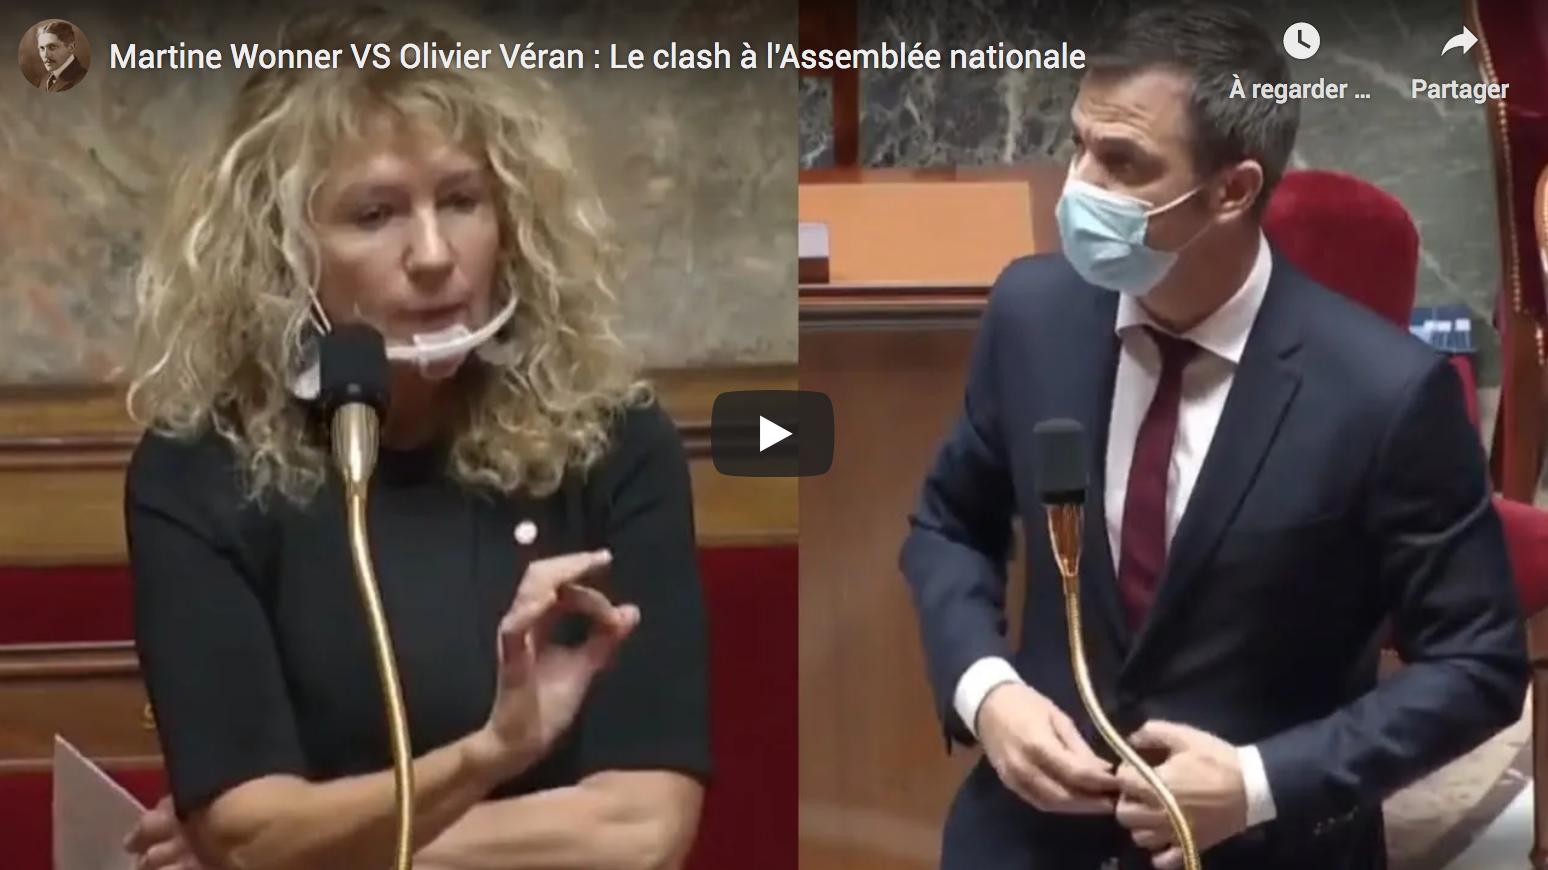 Martine Wonner VS Olivier Véran : Gros clash à l'Assemblée nationale (VIDÉO)